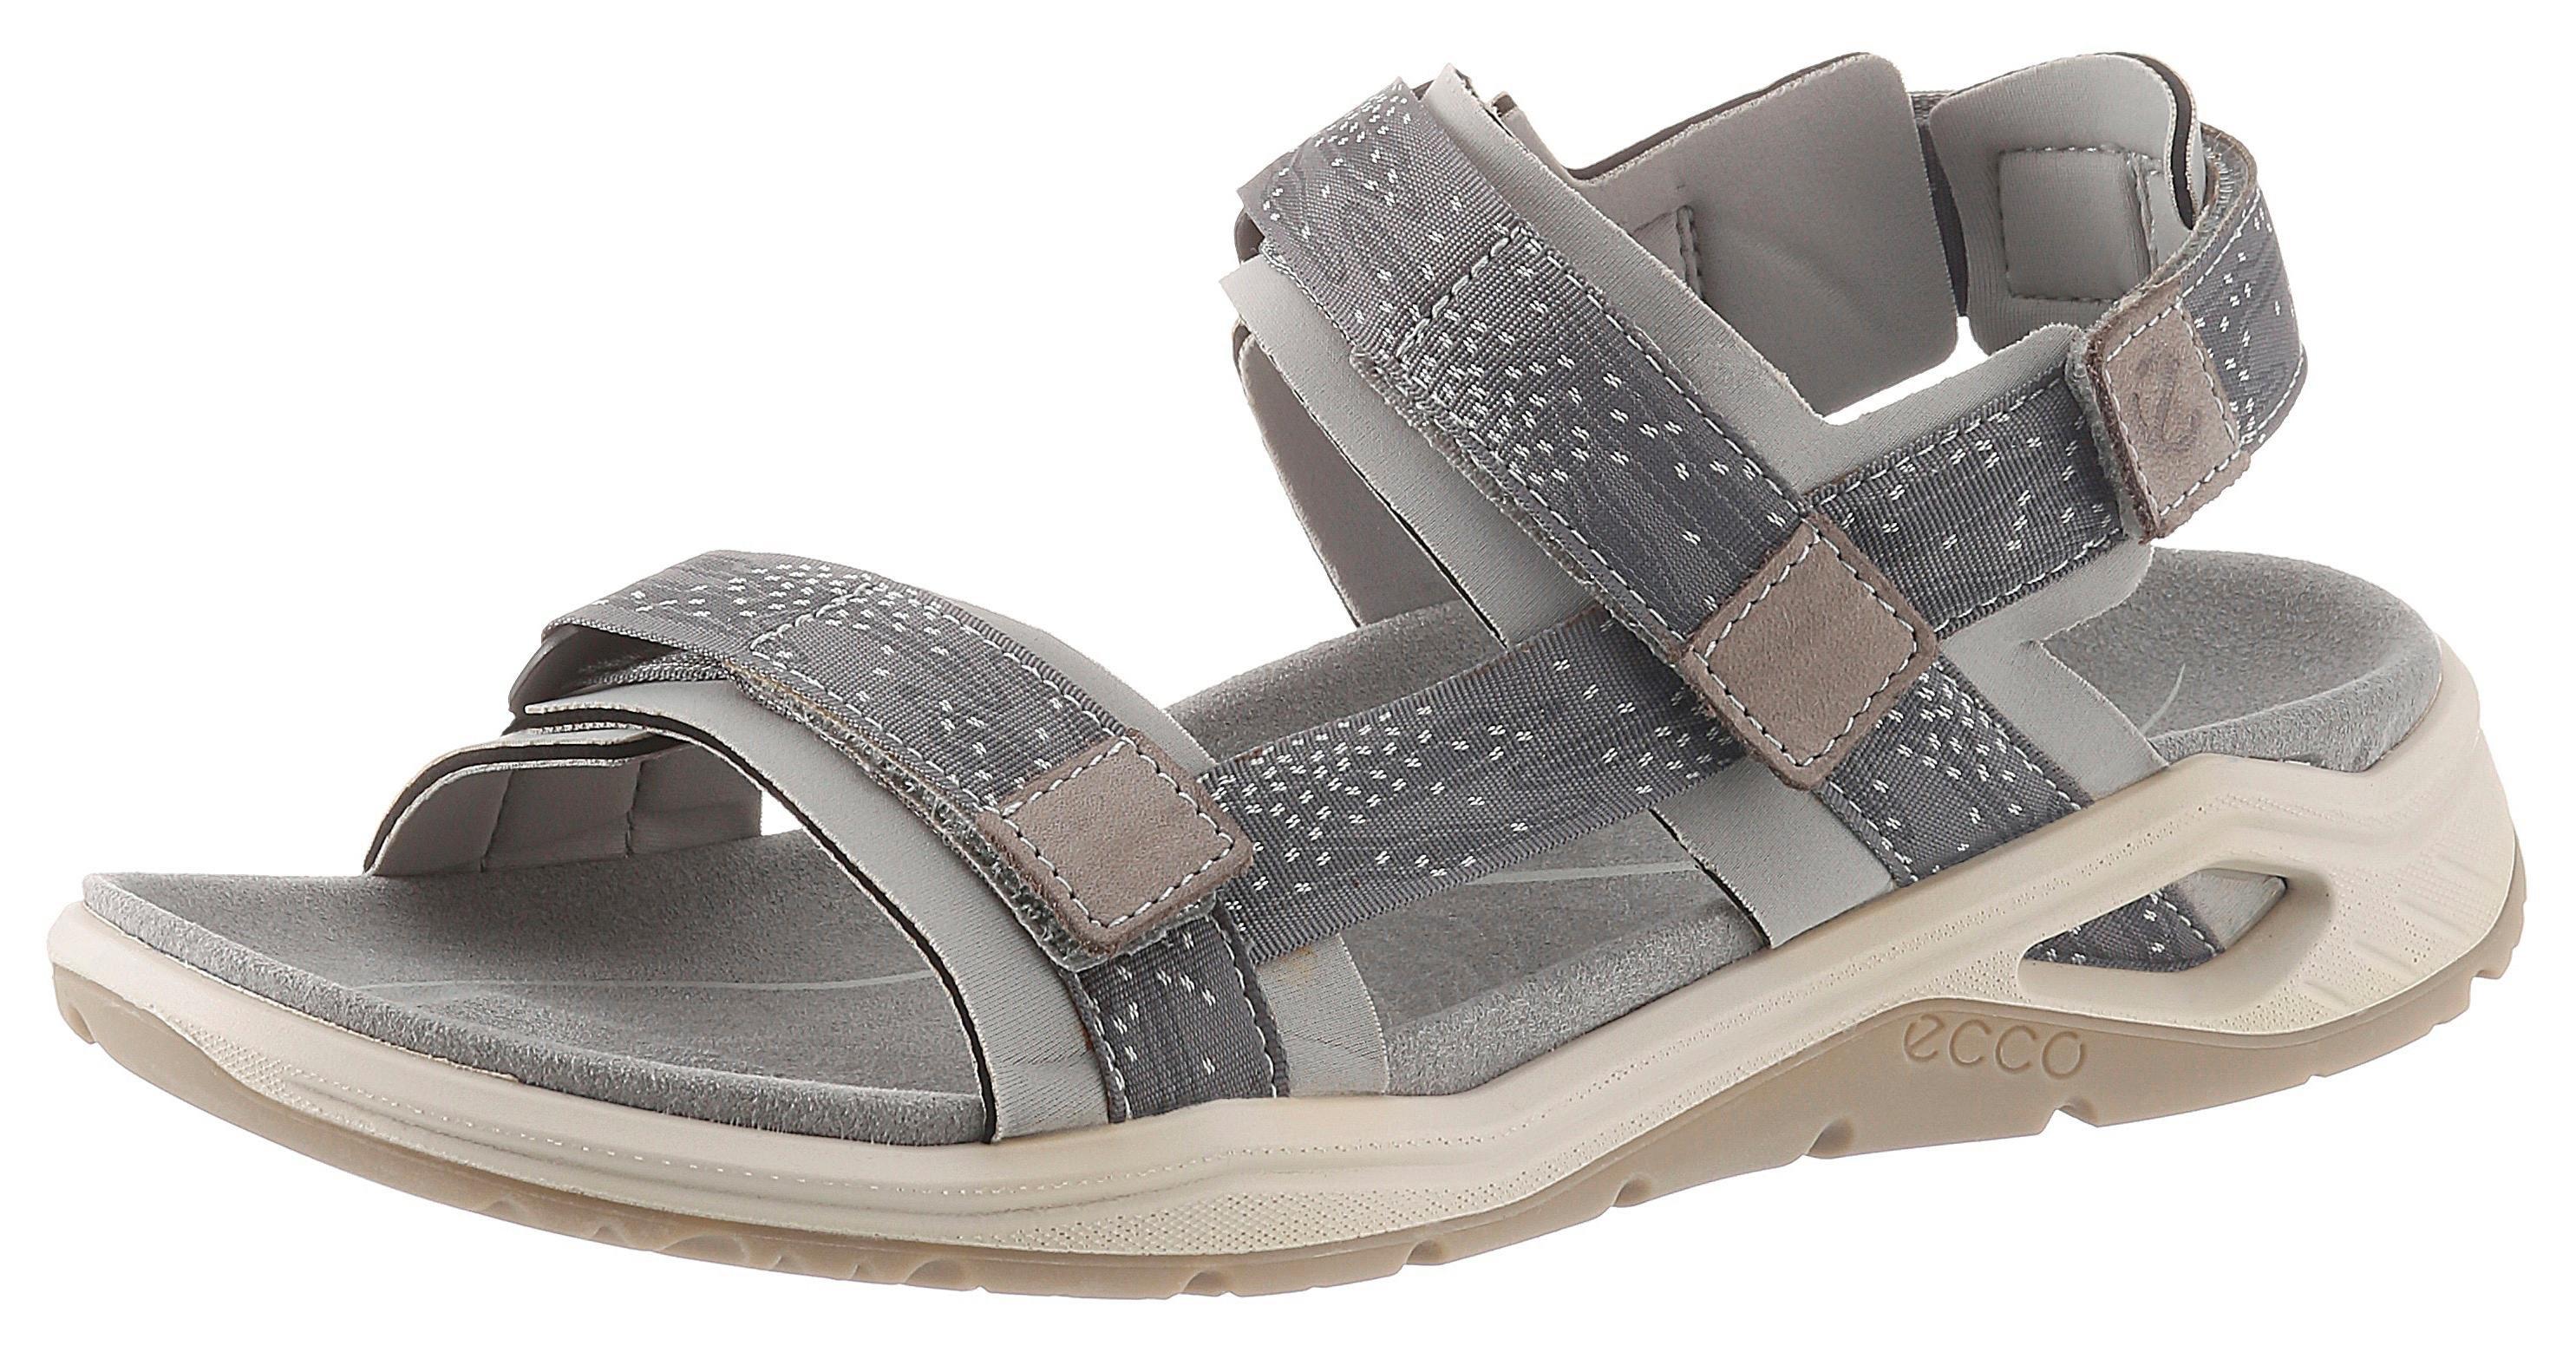 Ecco sandalen »X-TRINSIC« bij OTTO online kopen